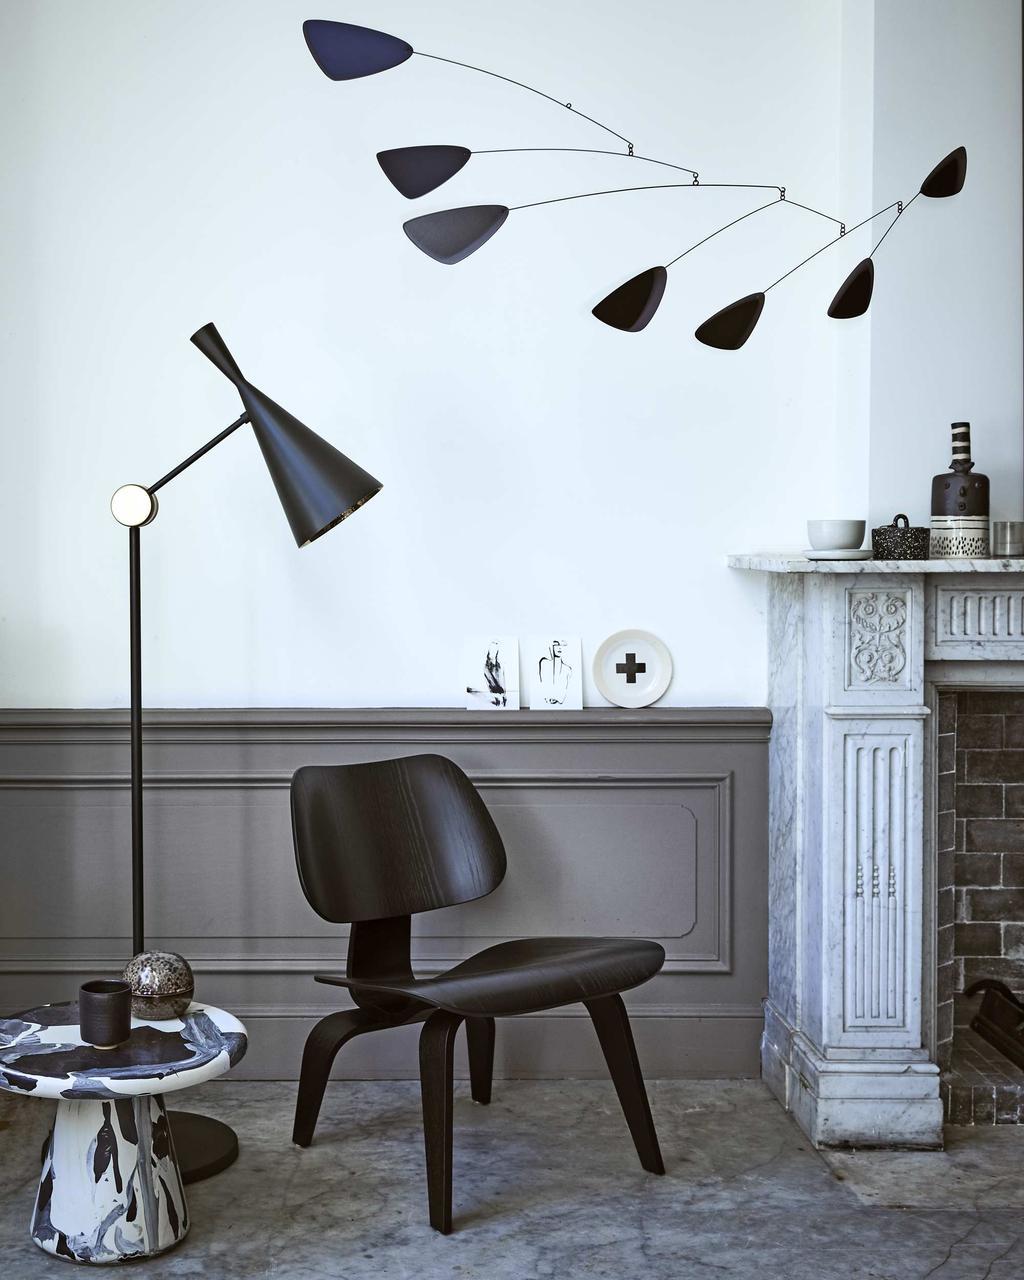 Kunst in huis met zwarte en grijze tinten en een schouw